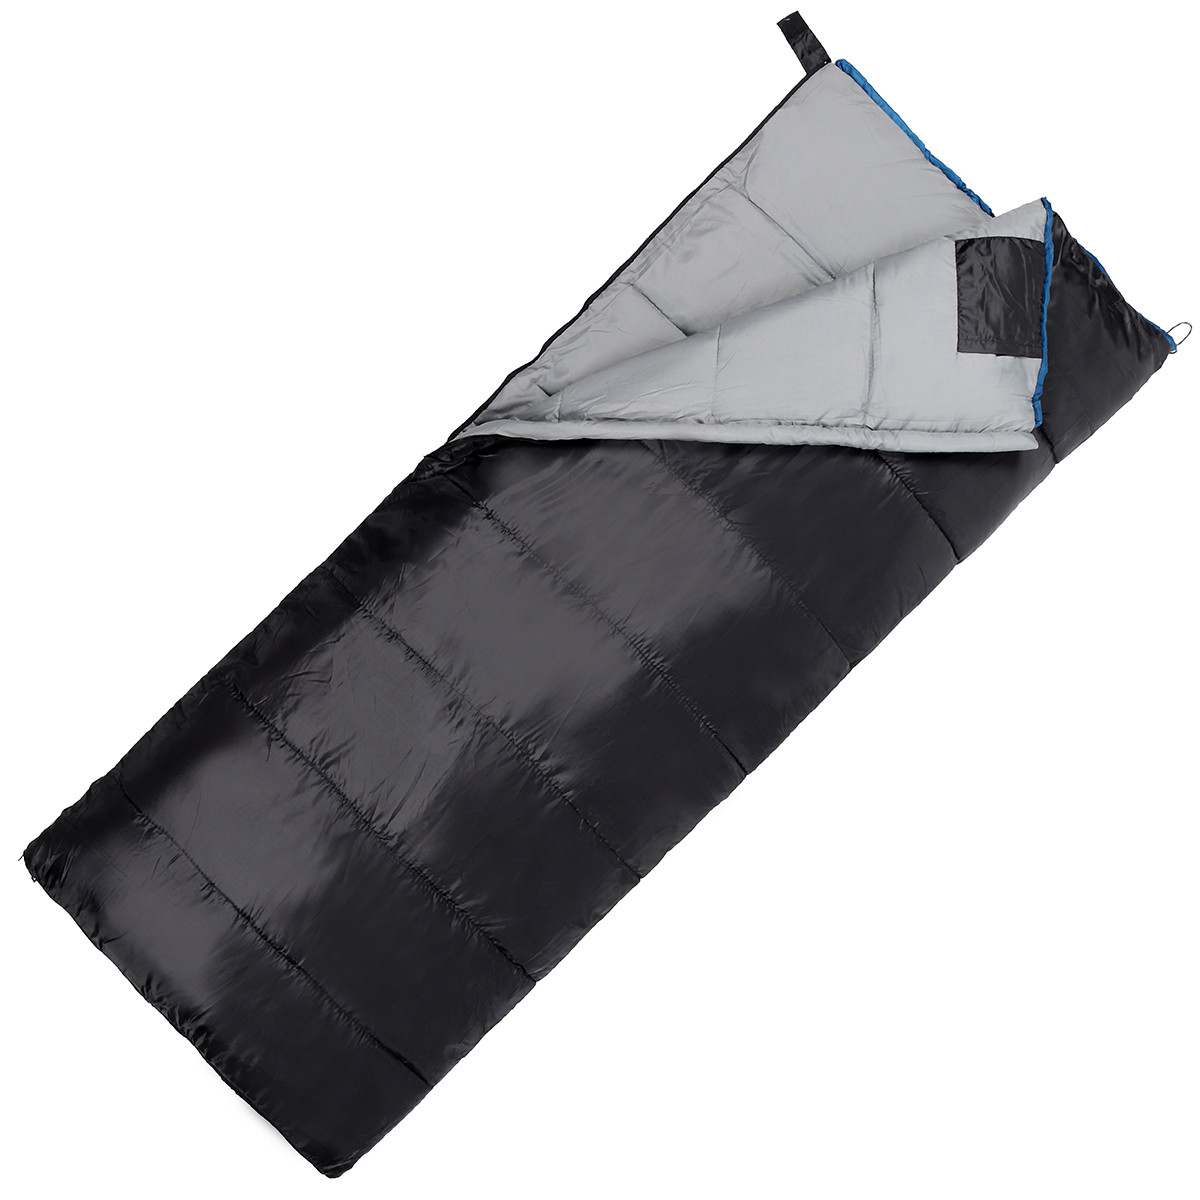 Спальний мішок (спальник) ковдра SportVida SV-CC0068 -3 ...+ 21°C R Black/Grey (состегиваются)